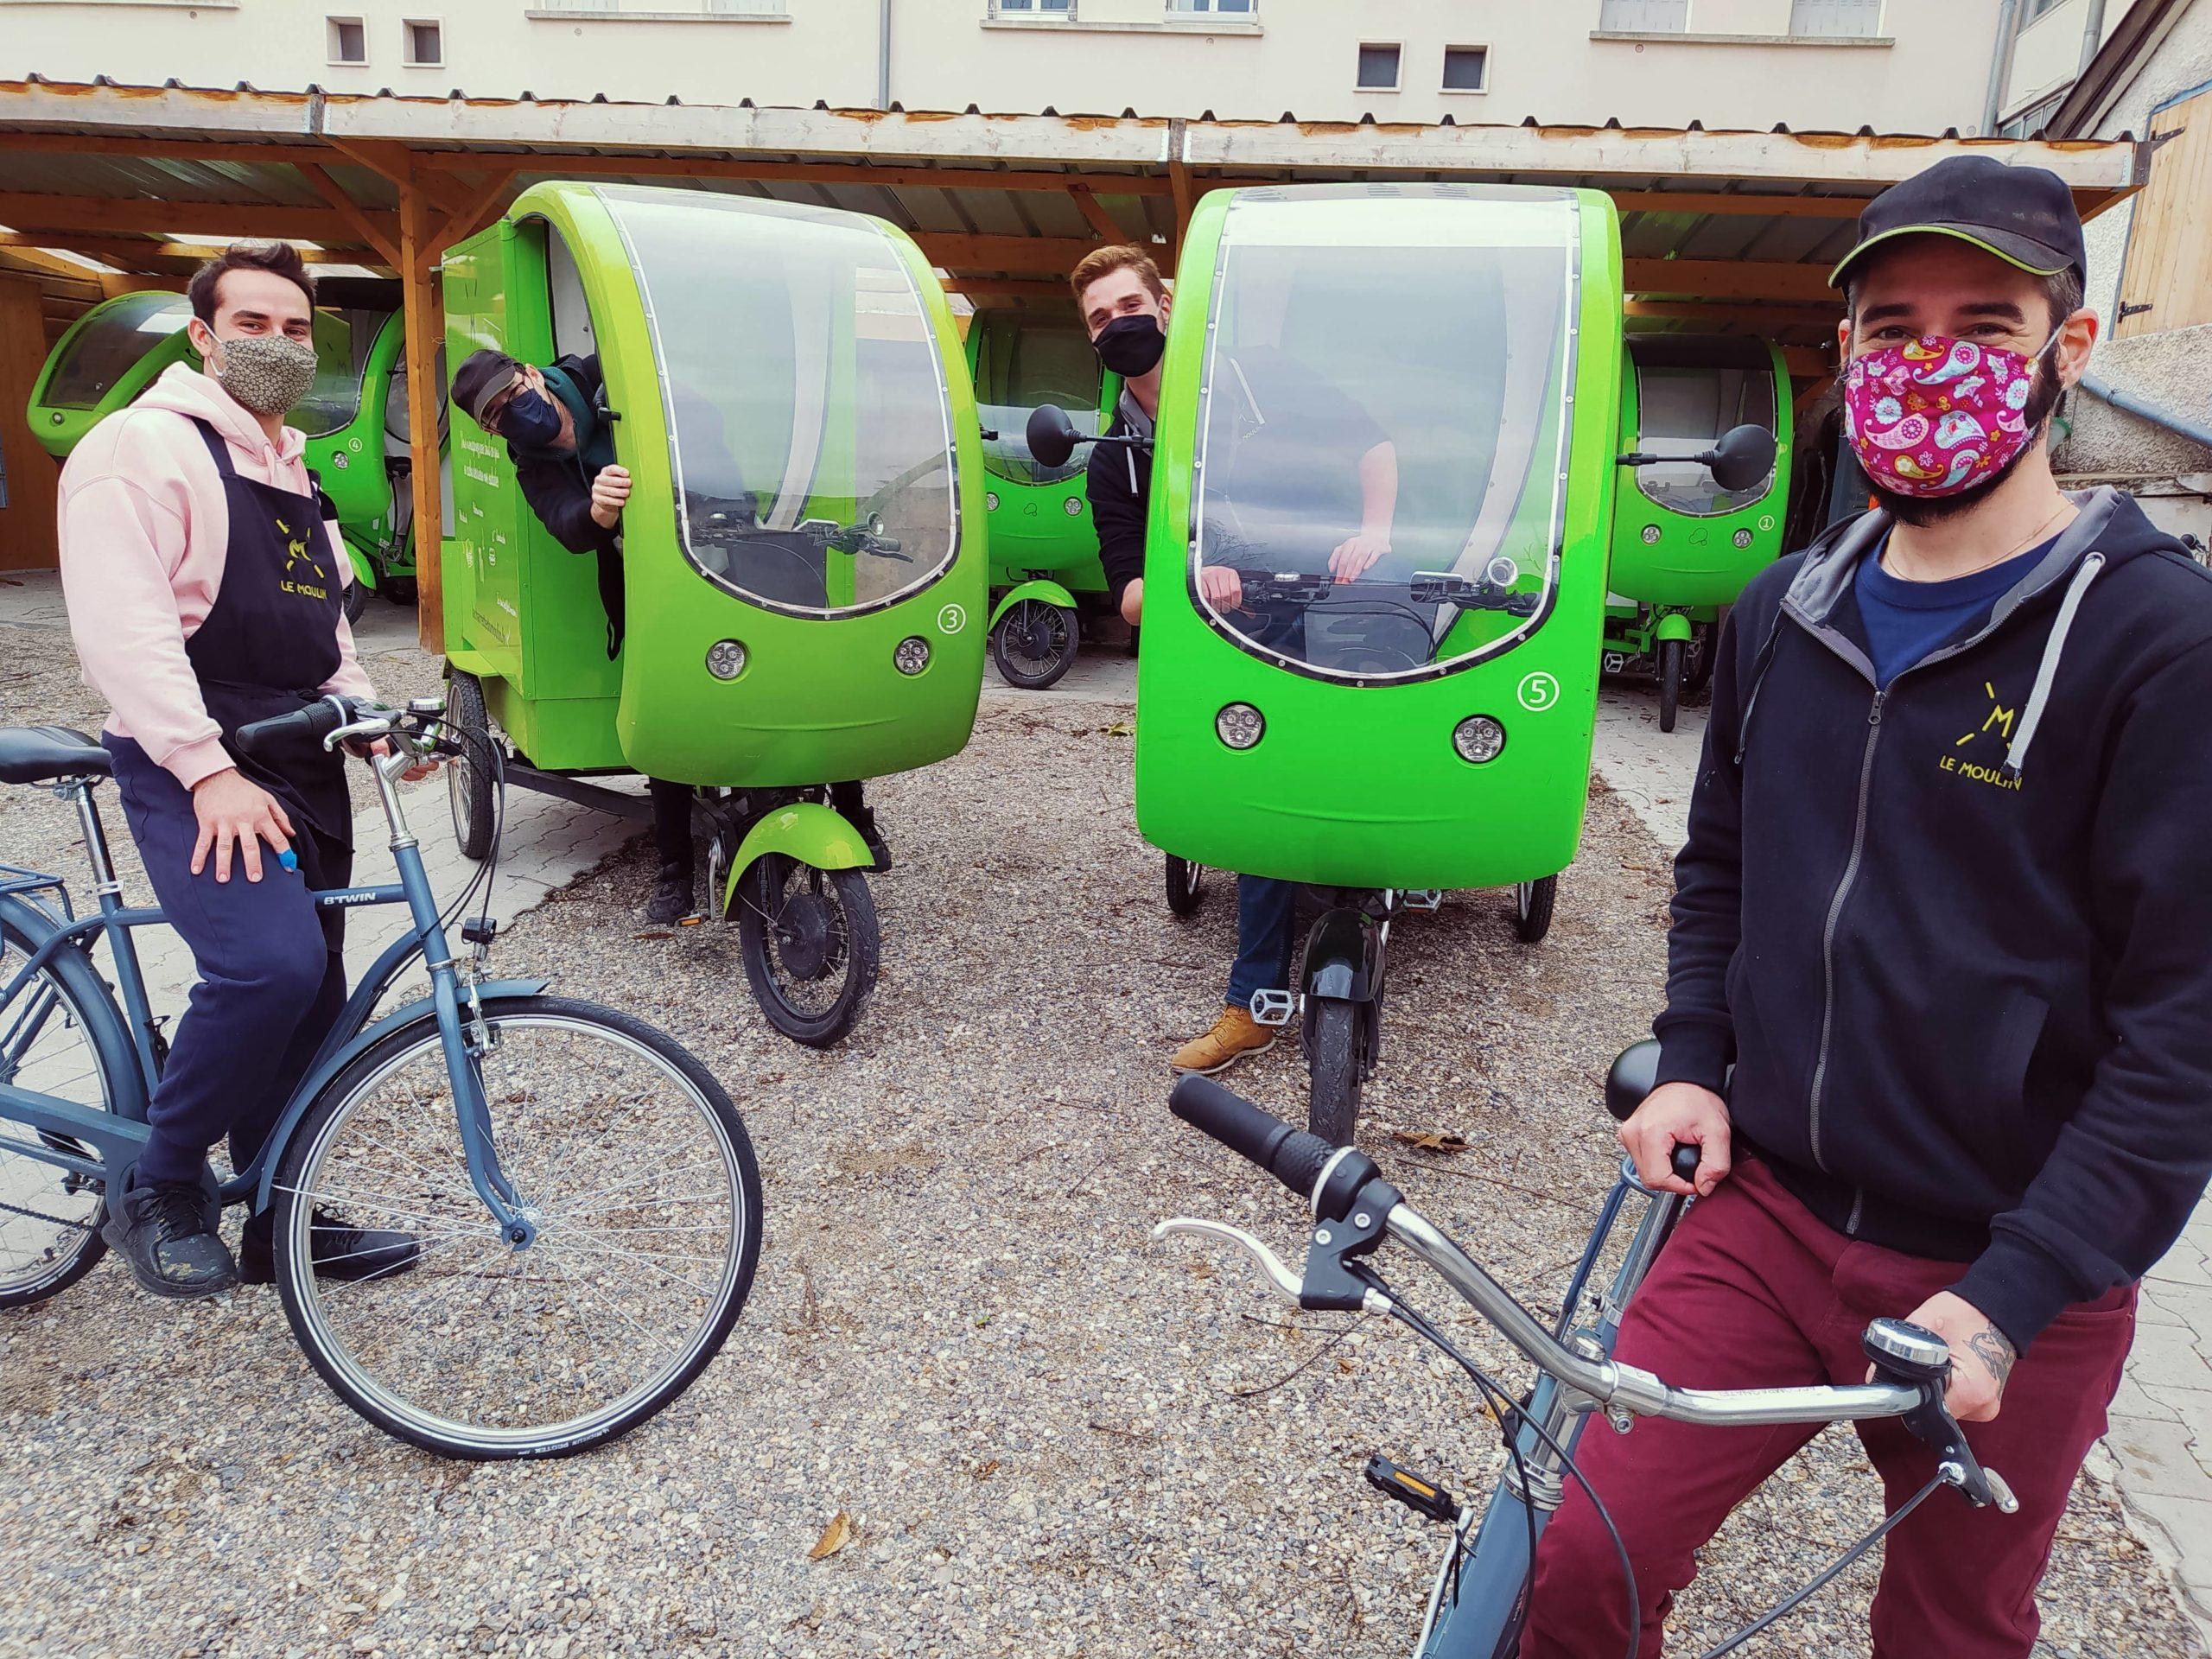 La livraison des commandes par tricycles à assistance électrique